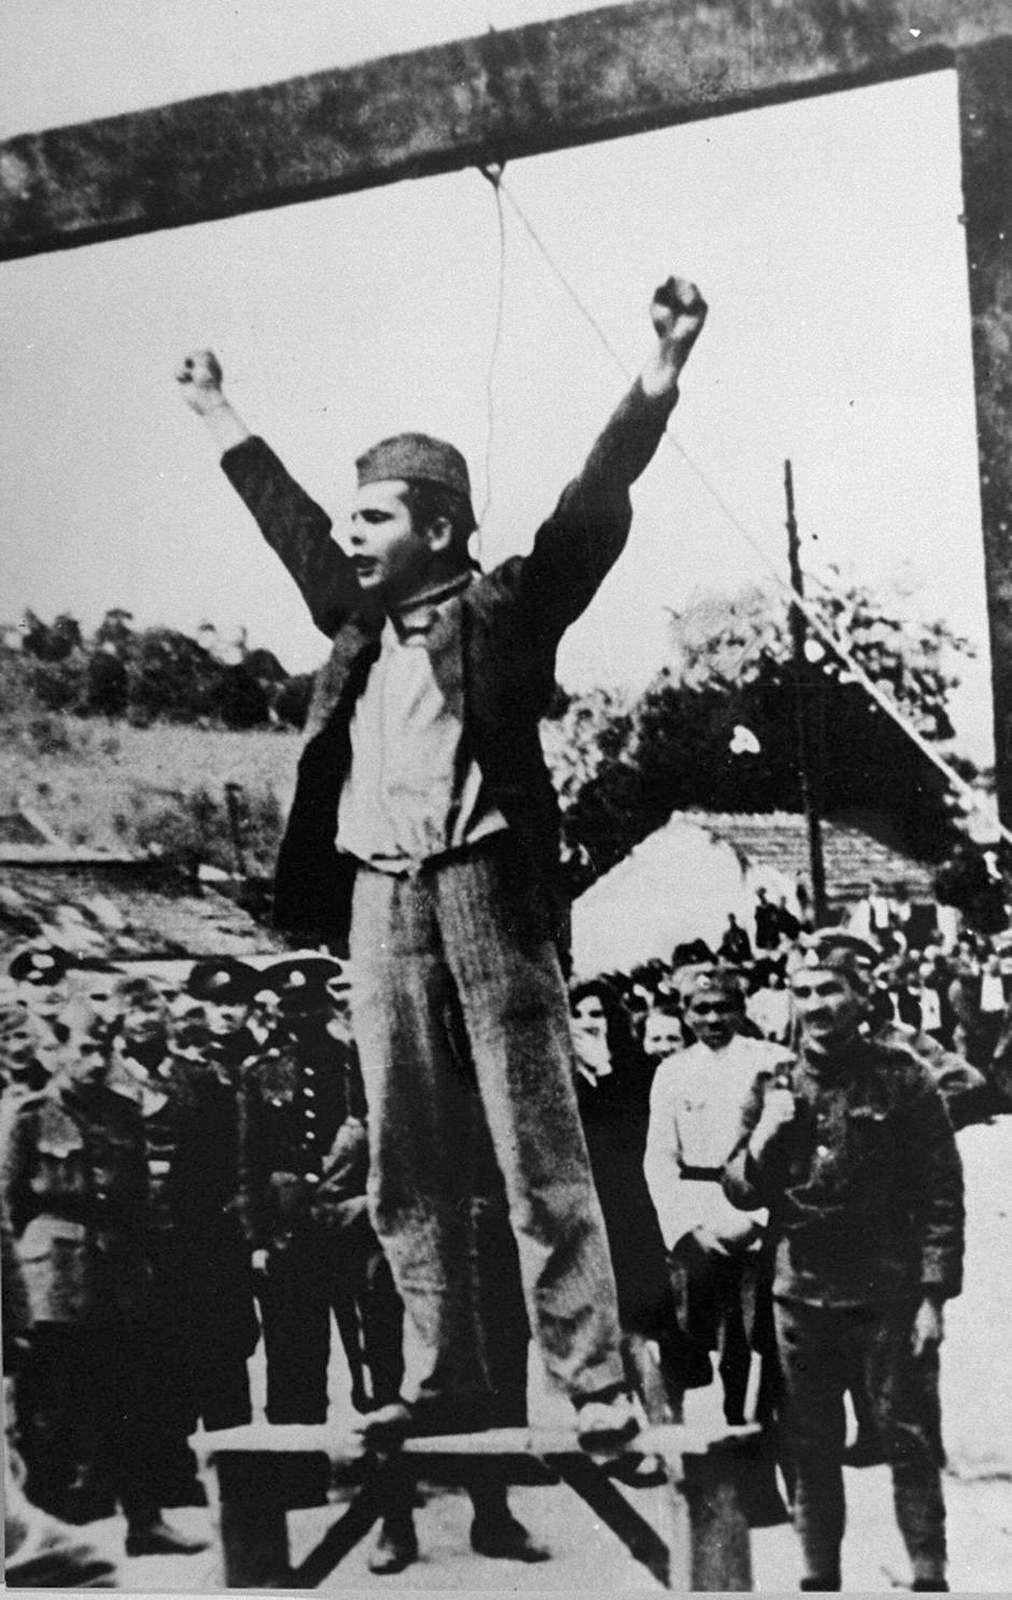 """""""Mort au fascisme, liberté au peuple !"""" criait le leader partisan Stjepan Filipović quelques instants avant son exécution par les collaborateurs nazis à Valjevo, en Yougoslavie."""""""